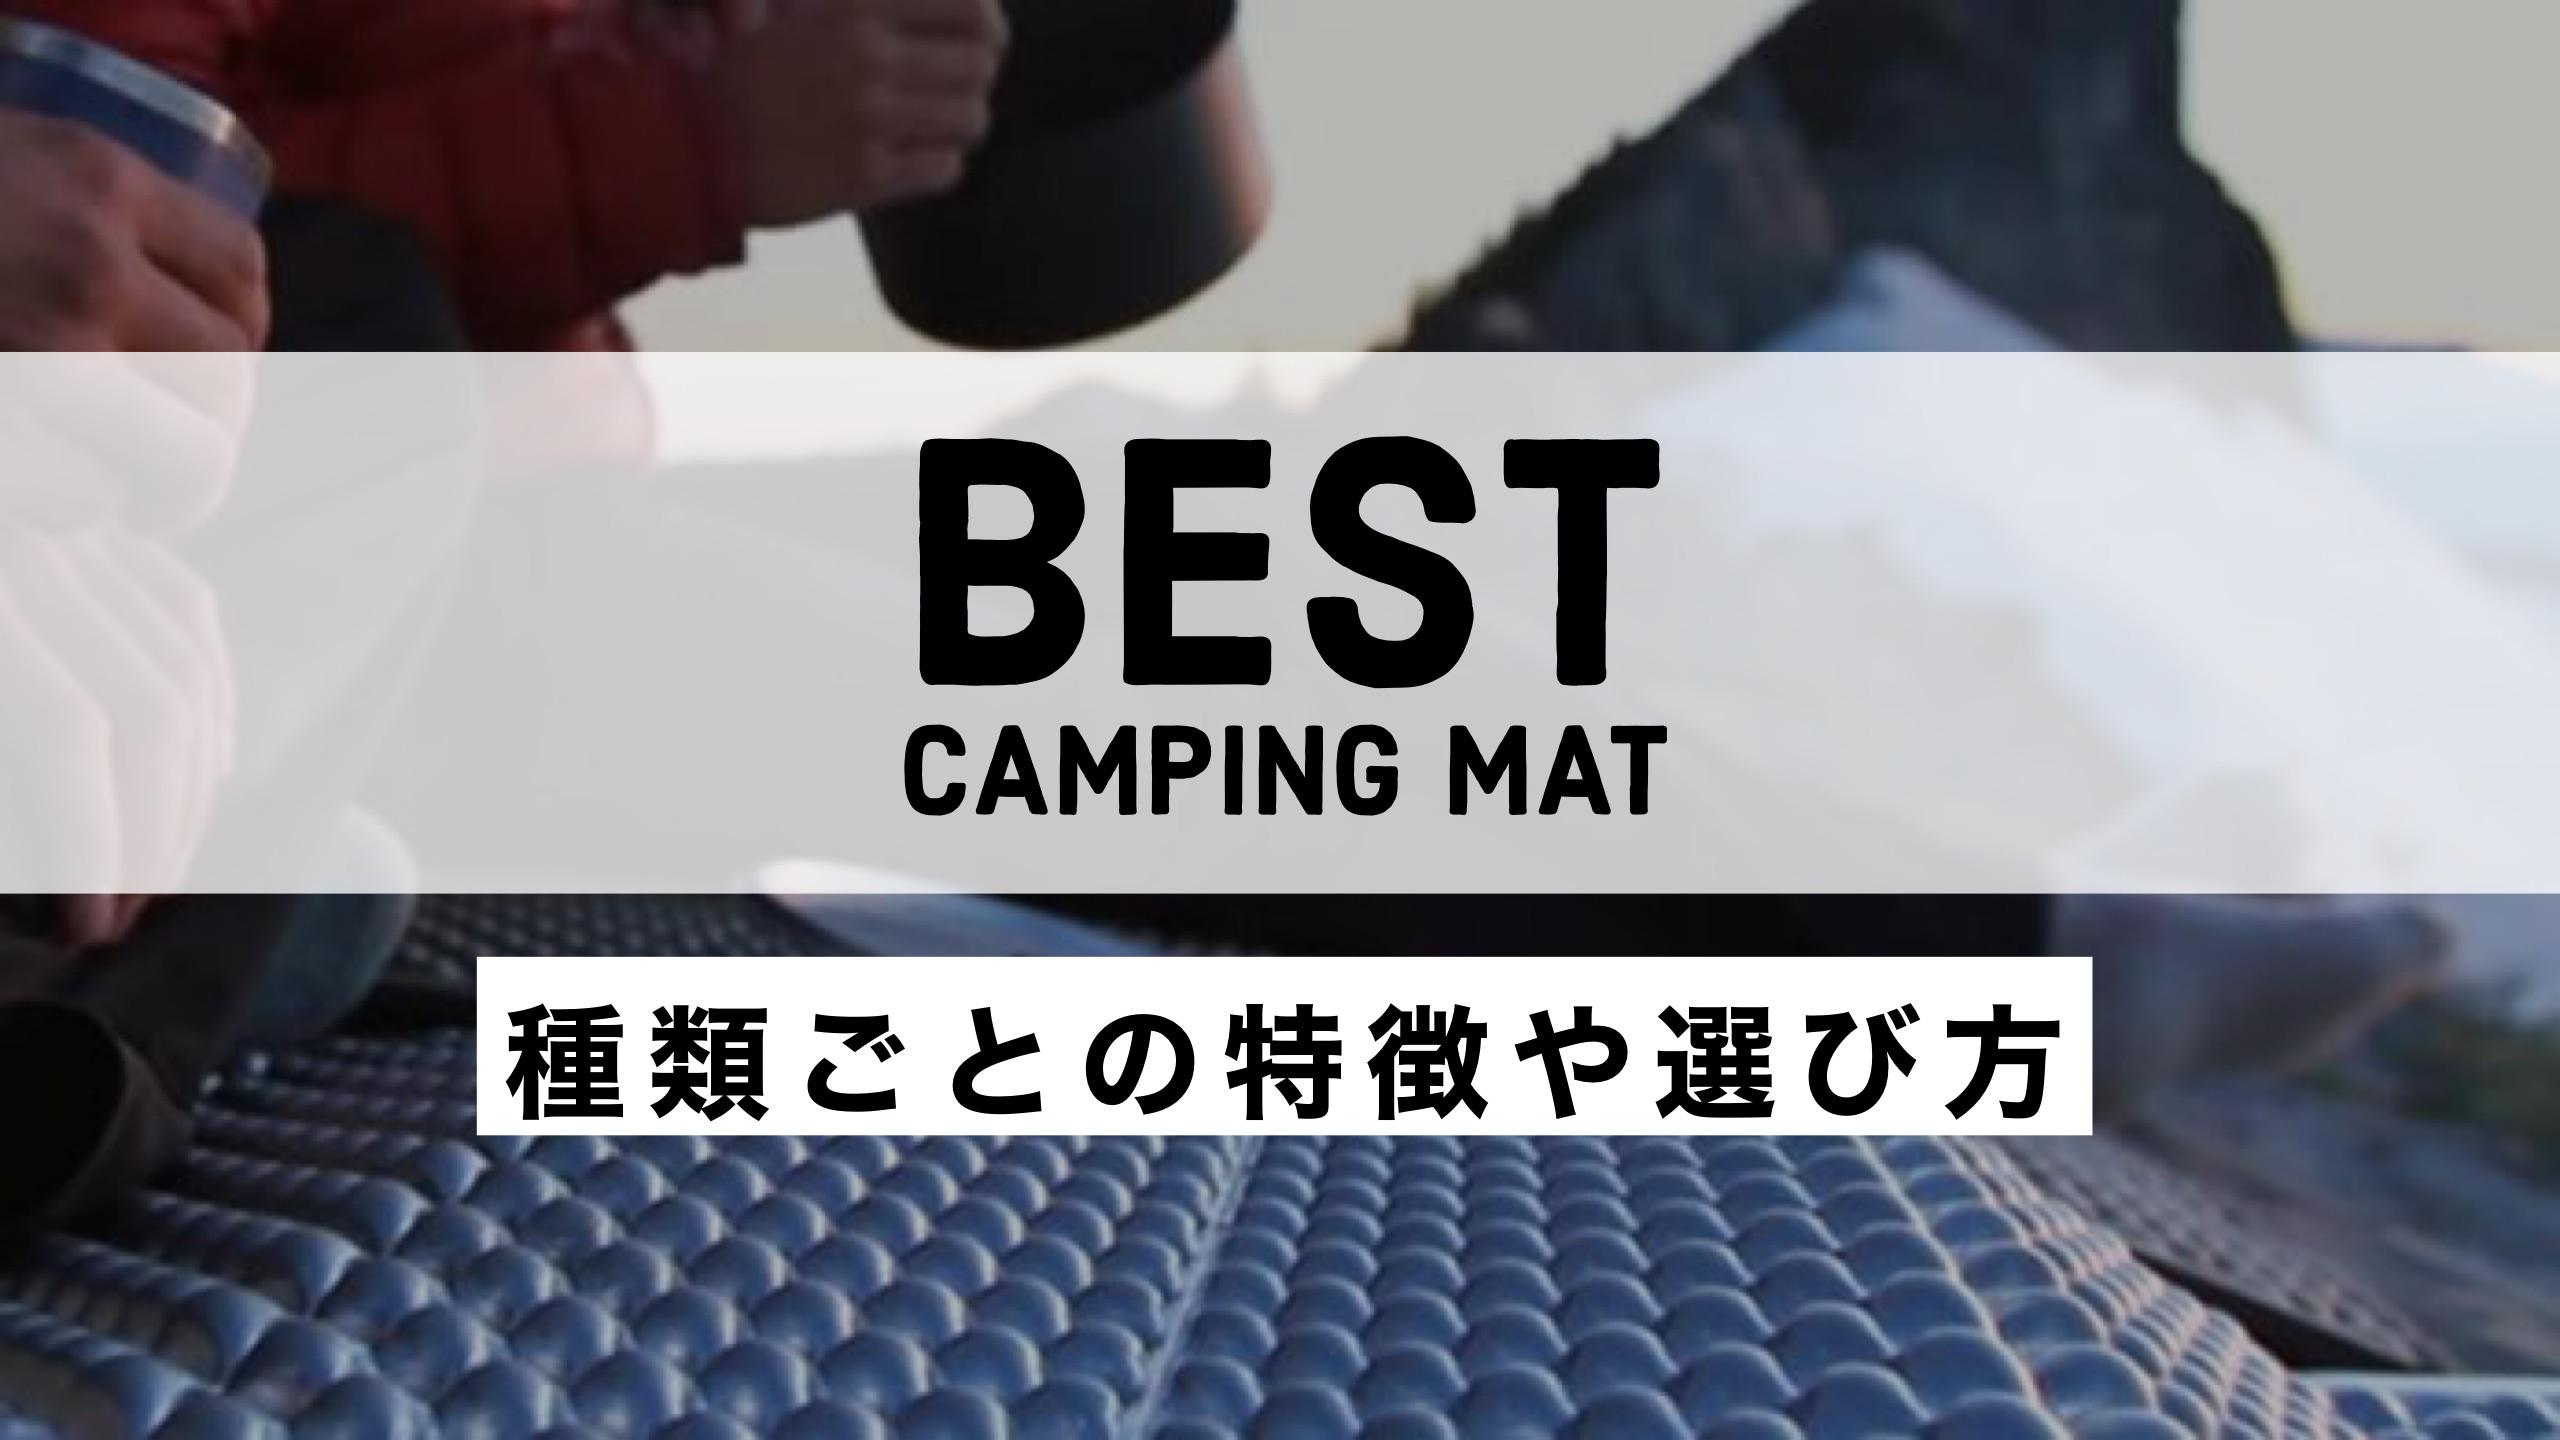 【軽量・コンパクト】ソロキャンプにおすすめなマット7選!【種類や選び方も解説】